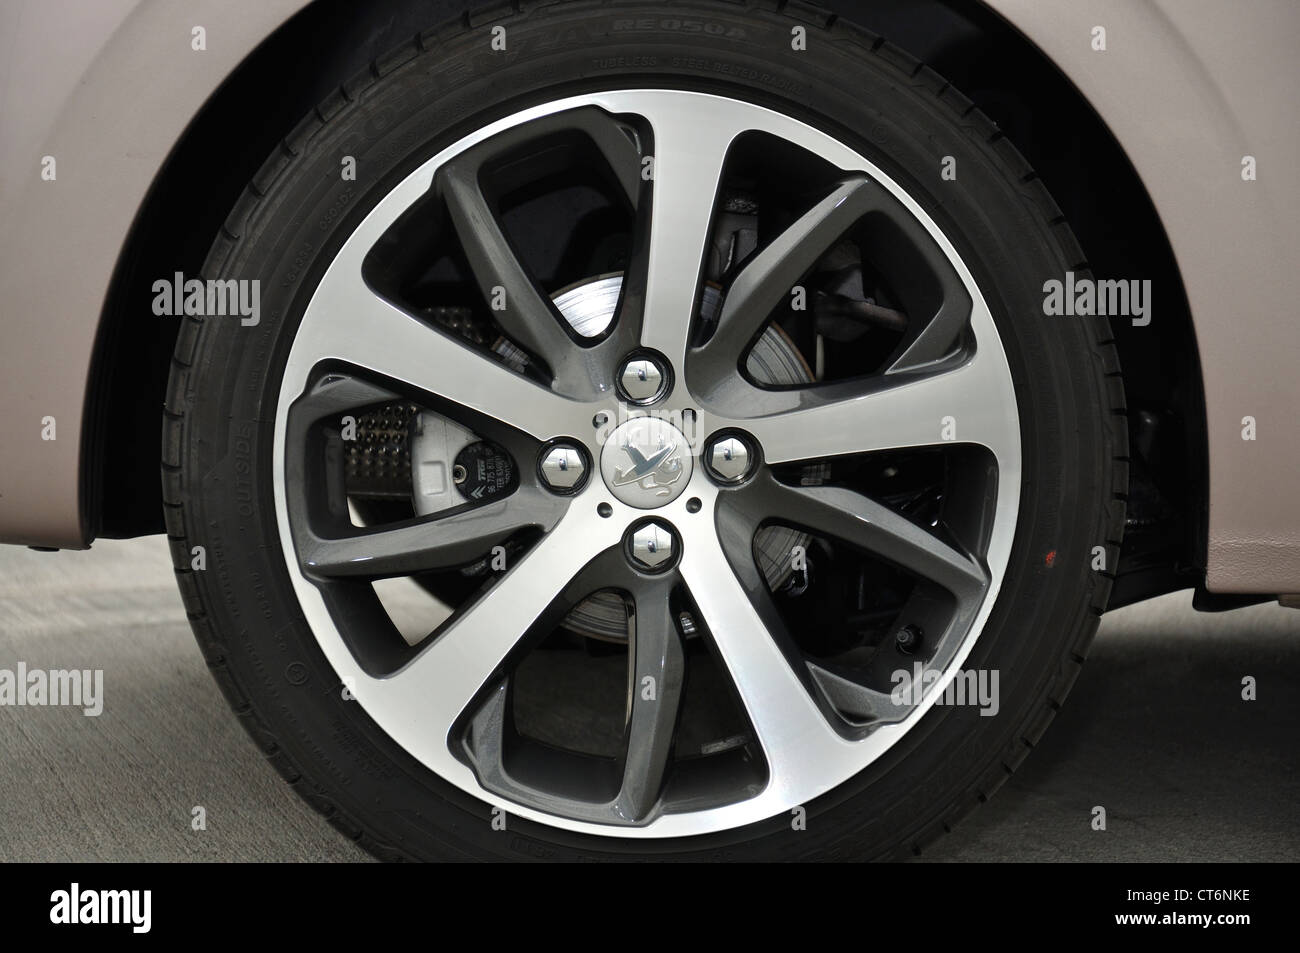 Peugeot 208, roue de voiture Banque D'Images